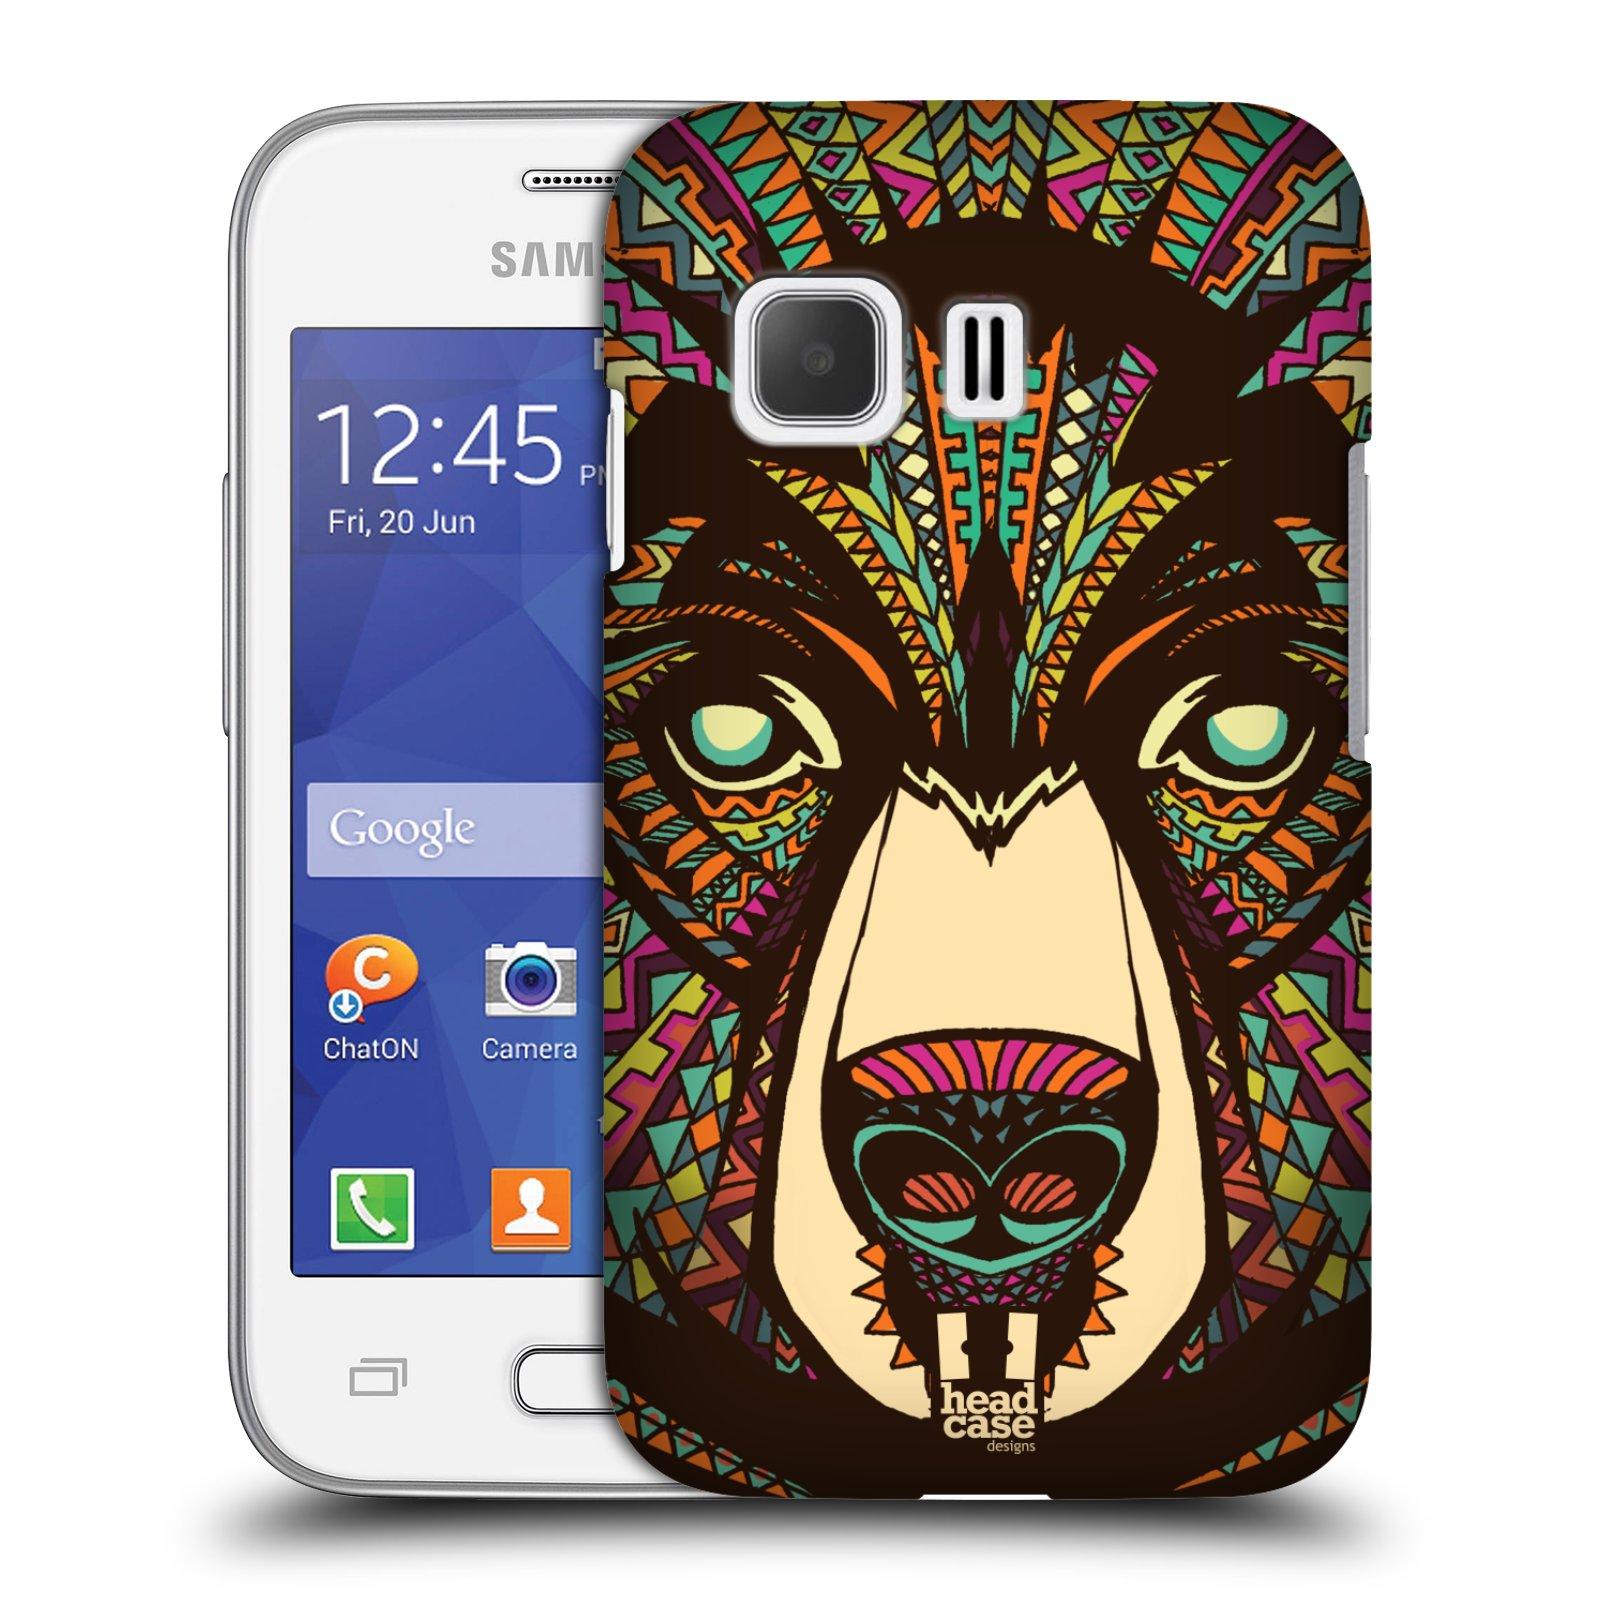 Plastové pouzdro na mobil Samsung Galaxy Young 2 HEAD CASE AZTEC MEDVĚD (Kryt či obal na mobilní telefon Samsung Galaxy Young 2 SM-G130)